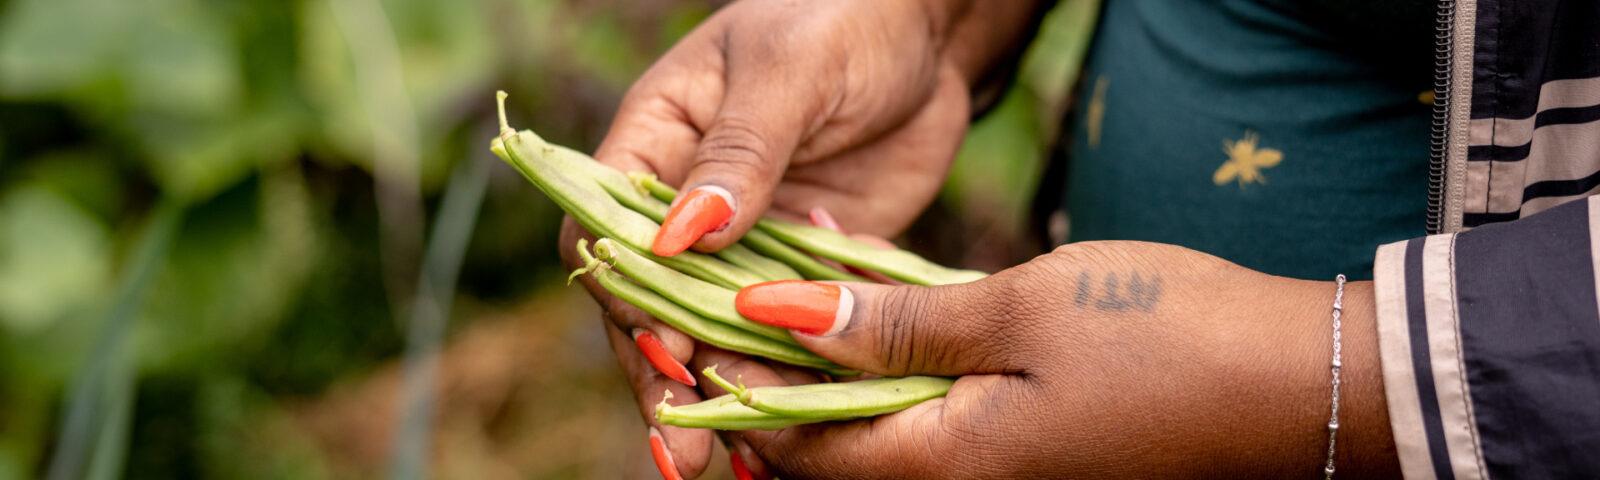 Boontjes oogsten - Vrouwen tuinieren persoonlijke groei